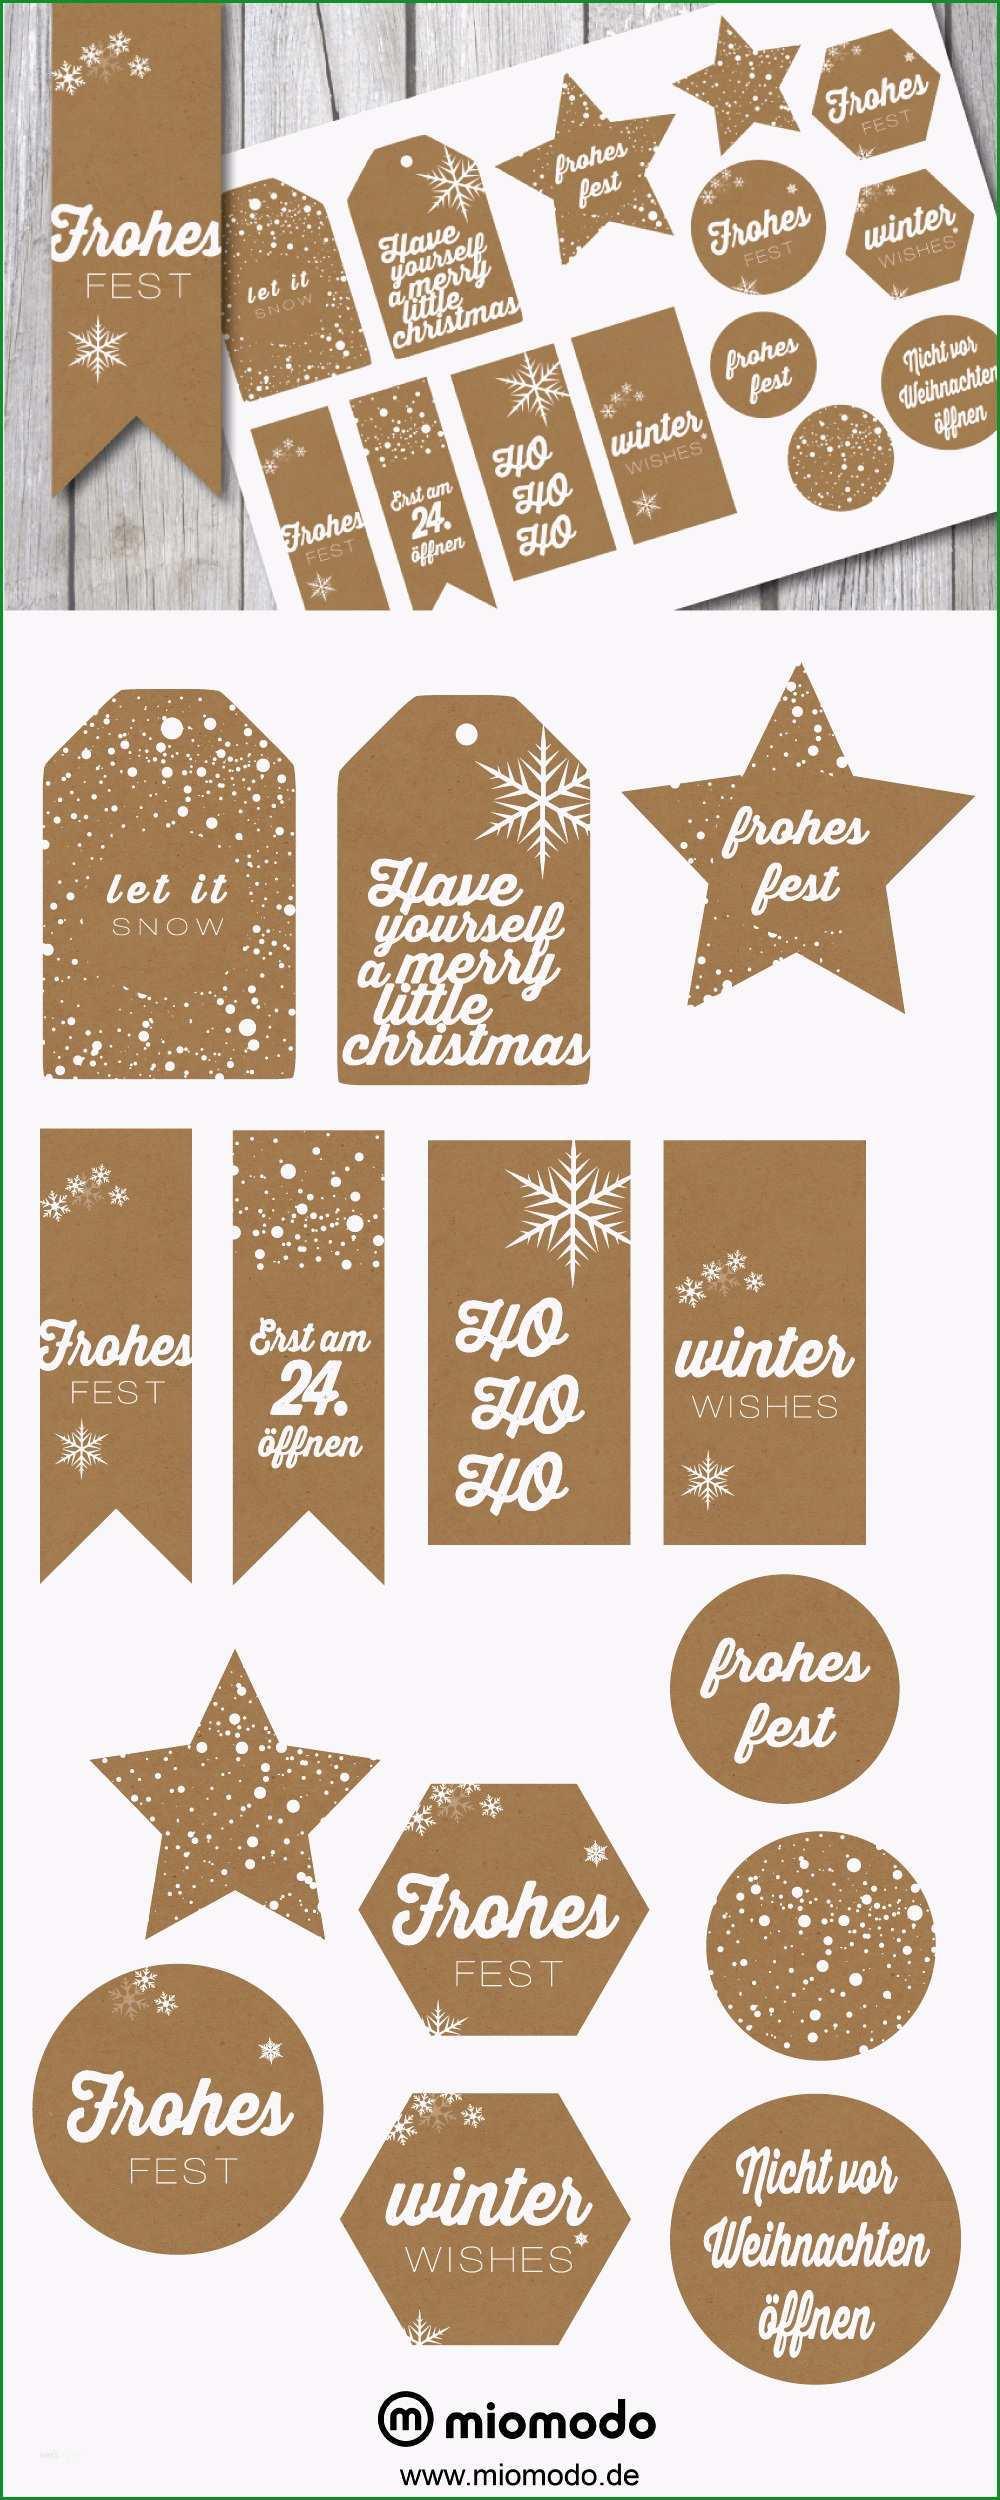 etiketten vorlage weihnachten wunderbar geschenkanhanger weihnachten im kraftpapier look